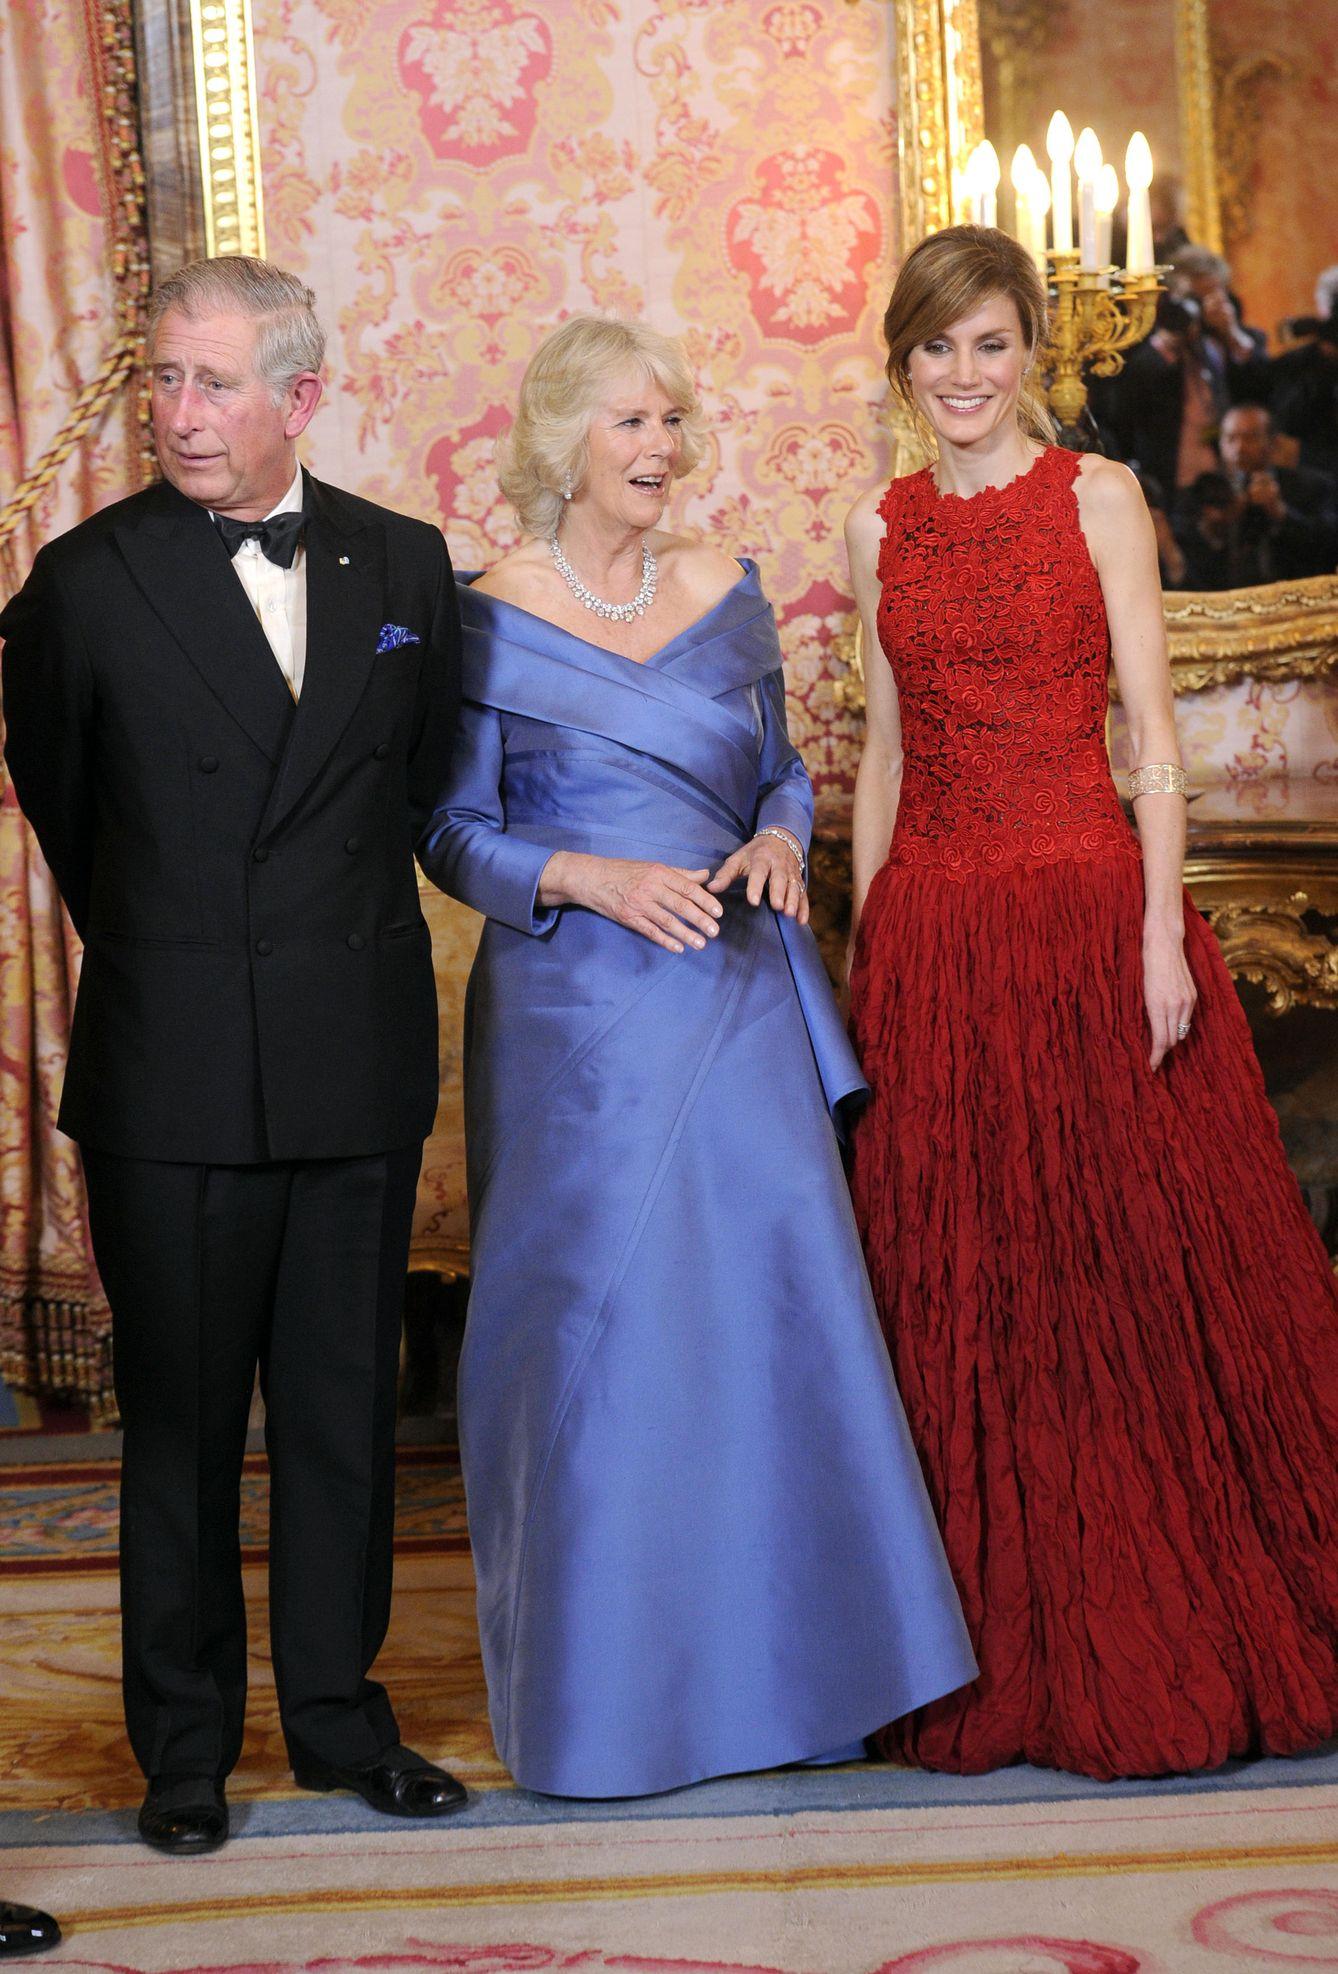 De Amantes Ocultos A Matrimonio Real Los 10 Anos Del Principe Carlos Y Camila Parker Bowles